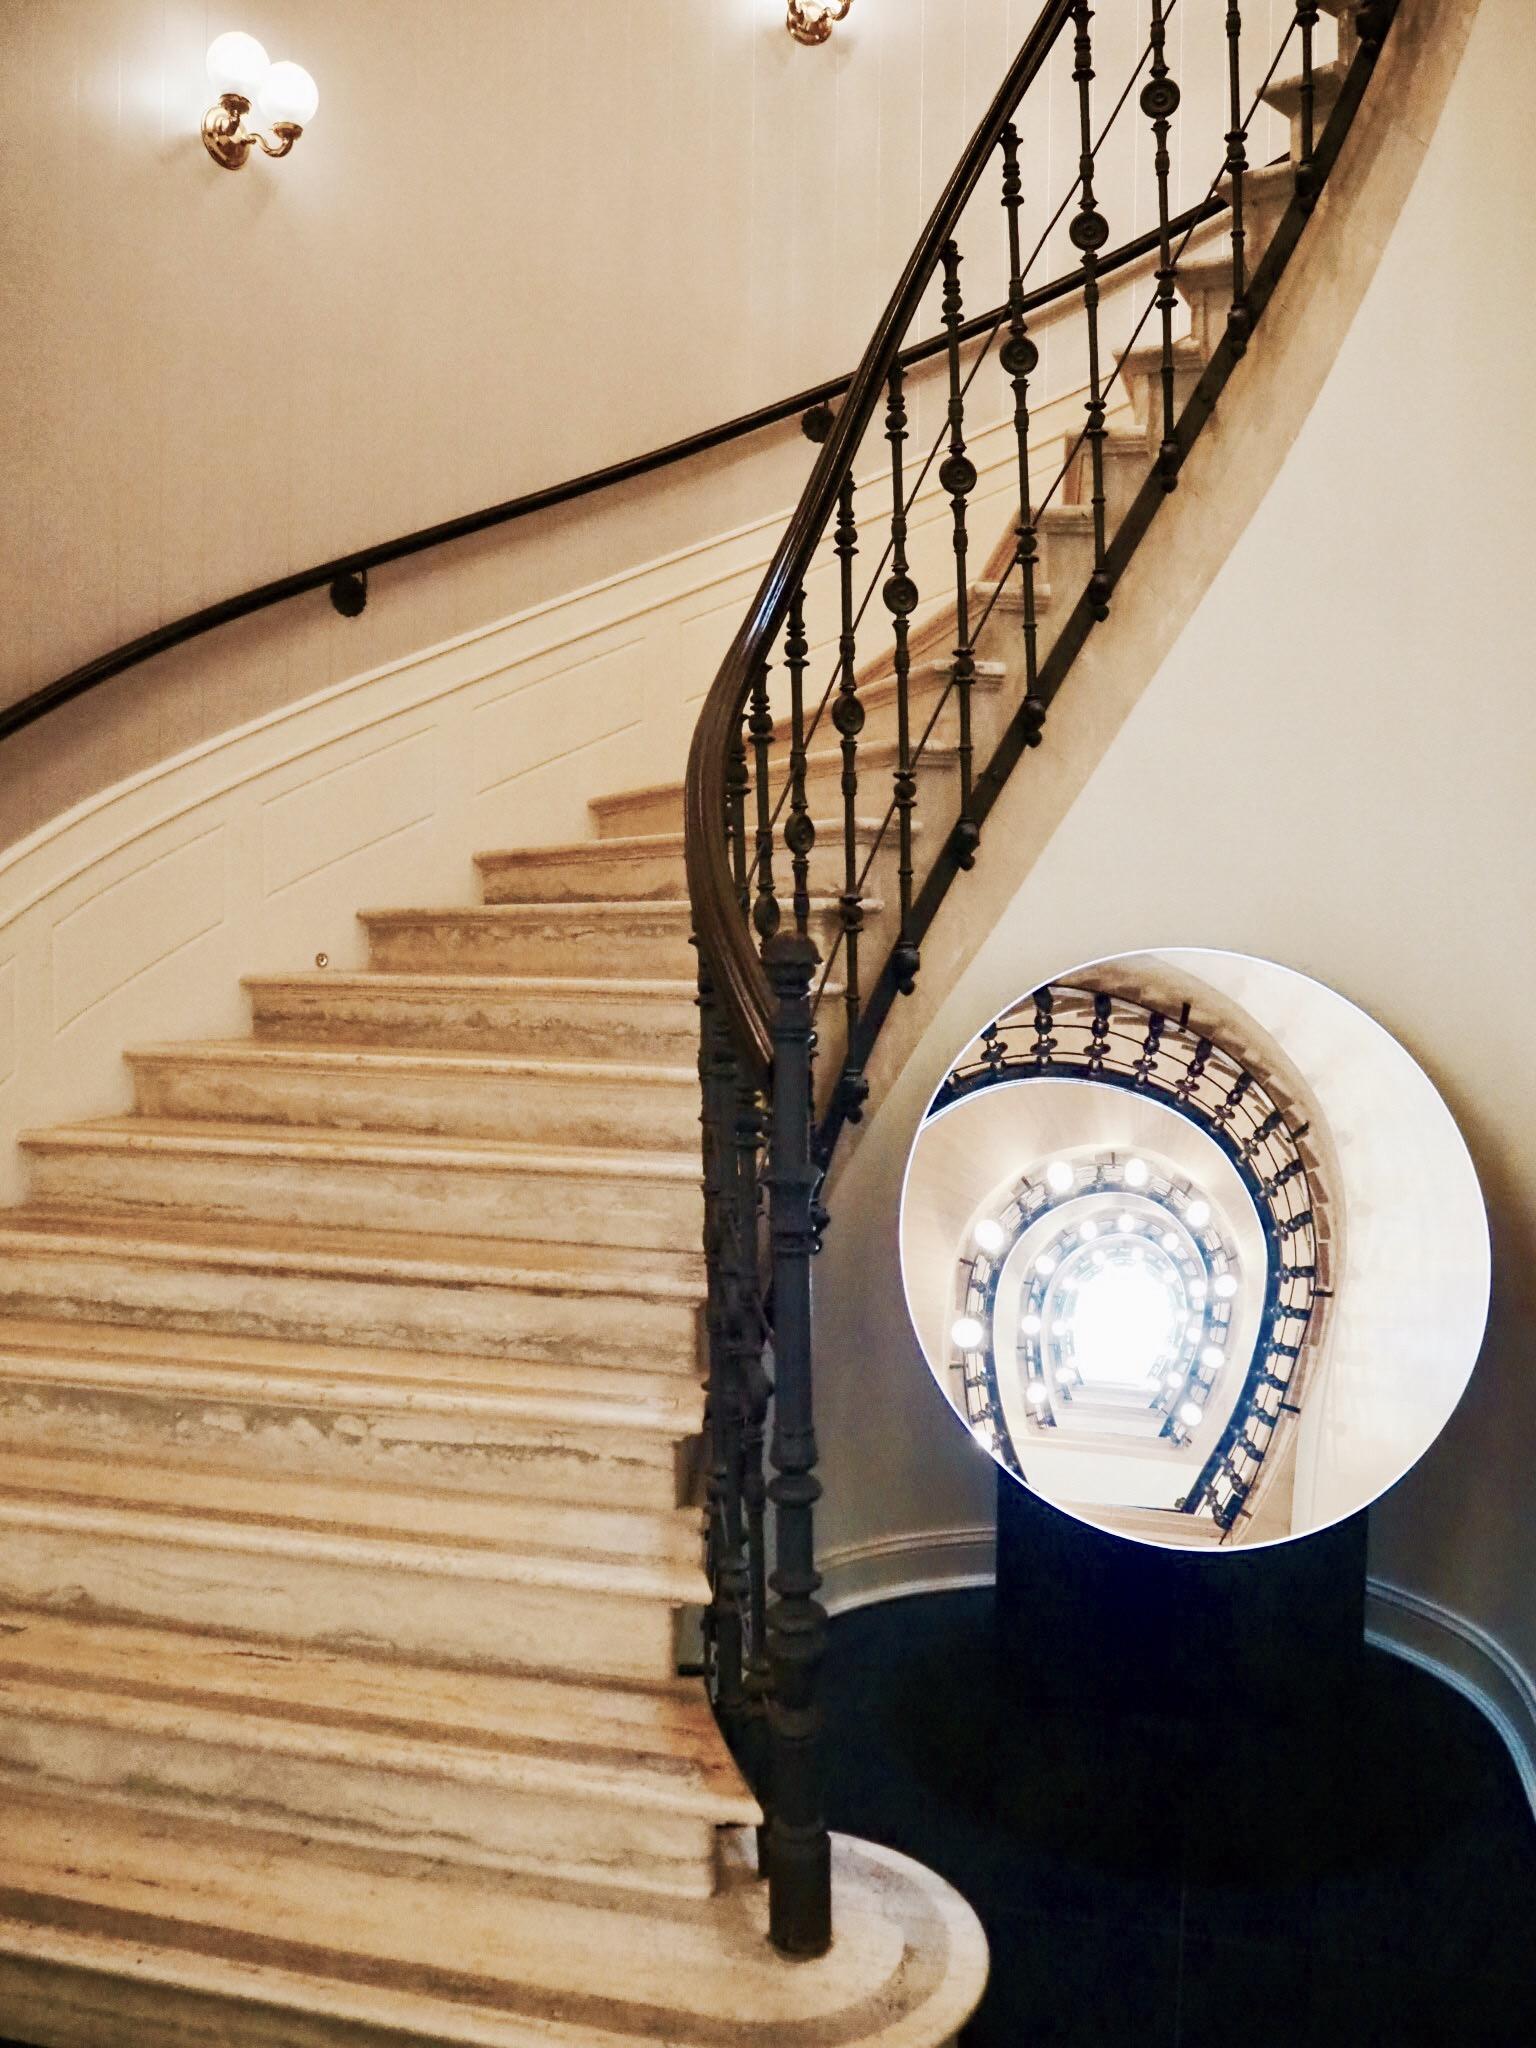 img 4803 - Aria Hotel Budapest - 音楽に囲まれて過ごすブダペストのラグジュアリーブティックホテルの魅力